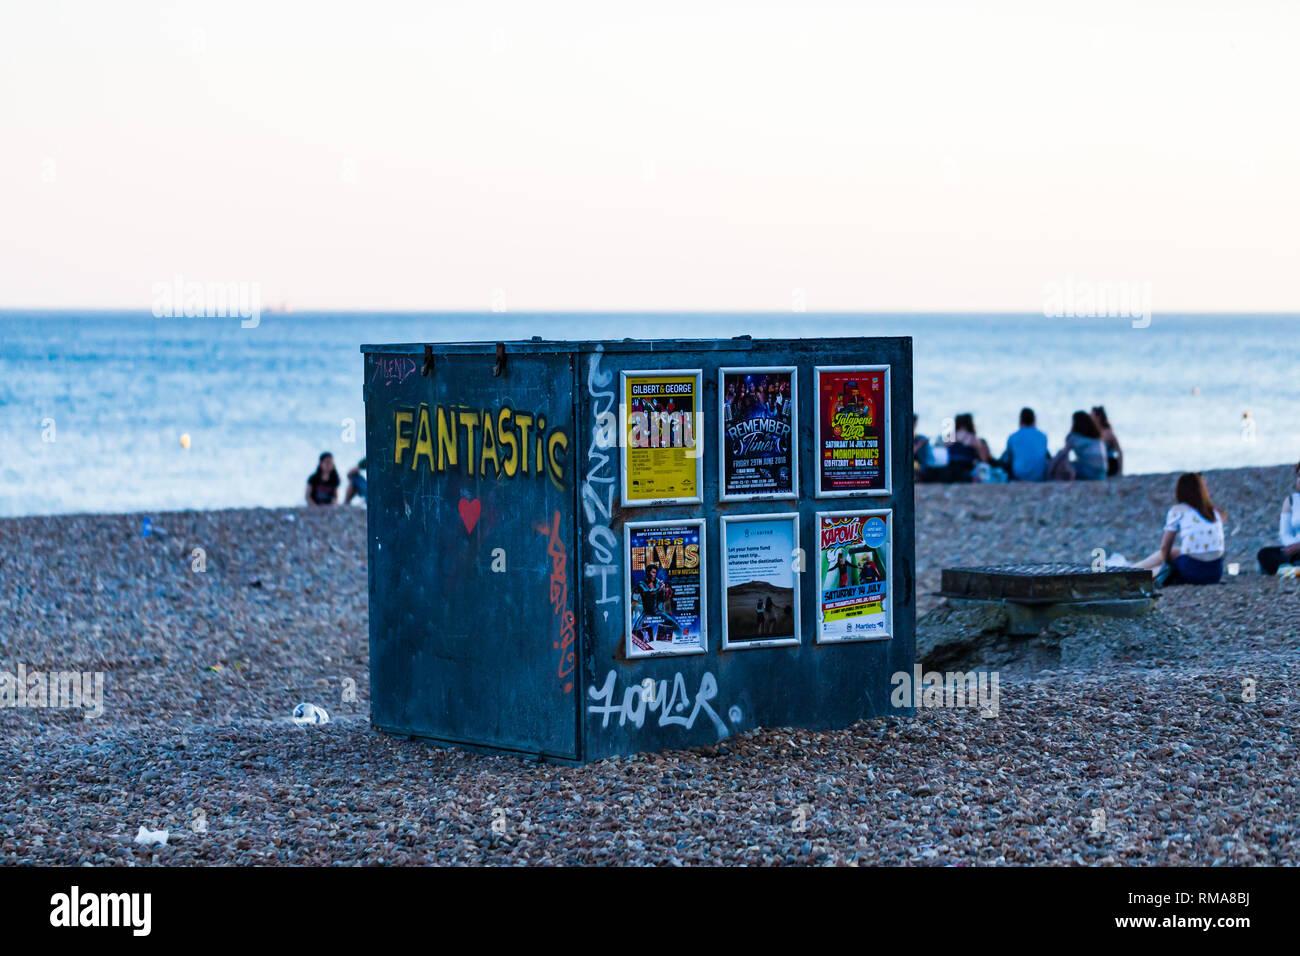 Lo Sdraio O La Sdraio.Brighton Regno Unito Giugno 2018 Regolabile Sedia A Sdraio Per Lo